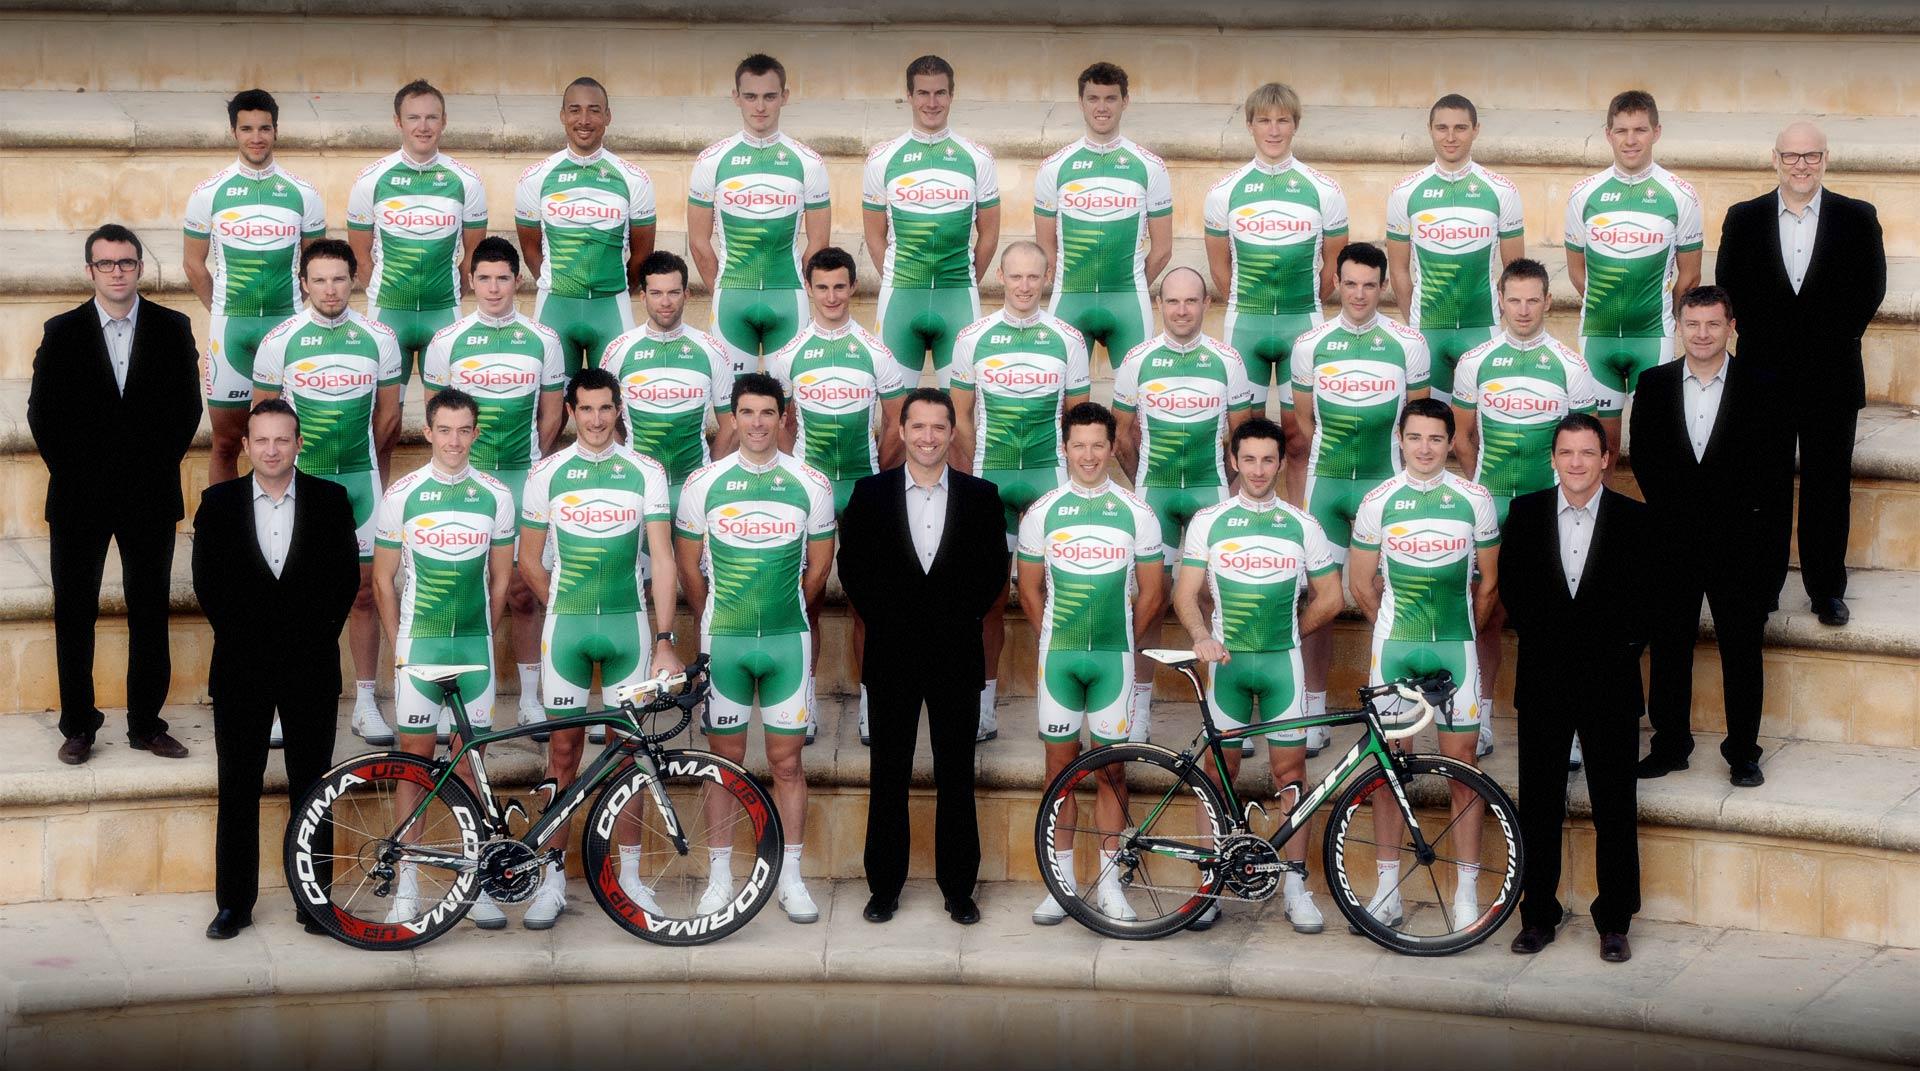 BH Bikes sponsorerer Team Soyasun i de næste to sæsoner.